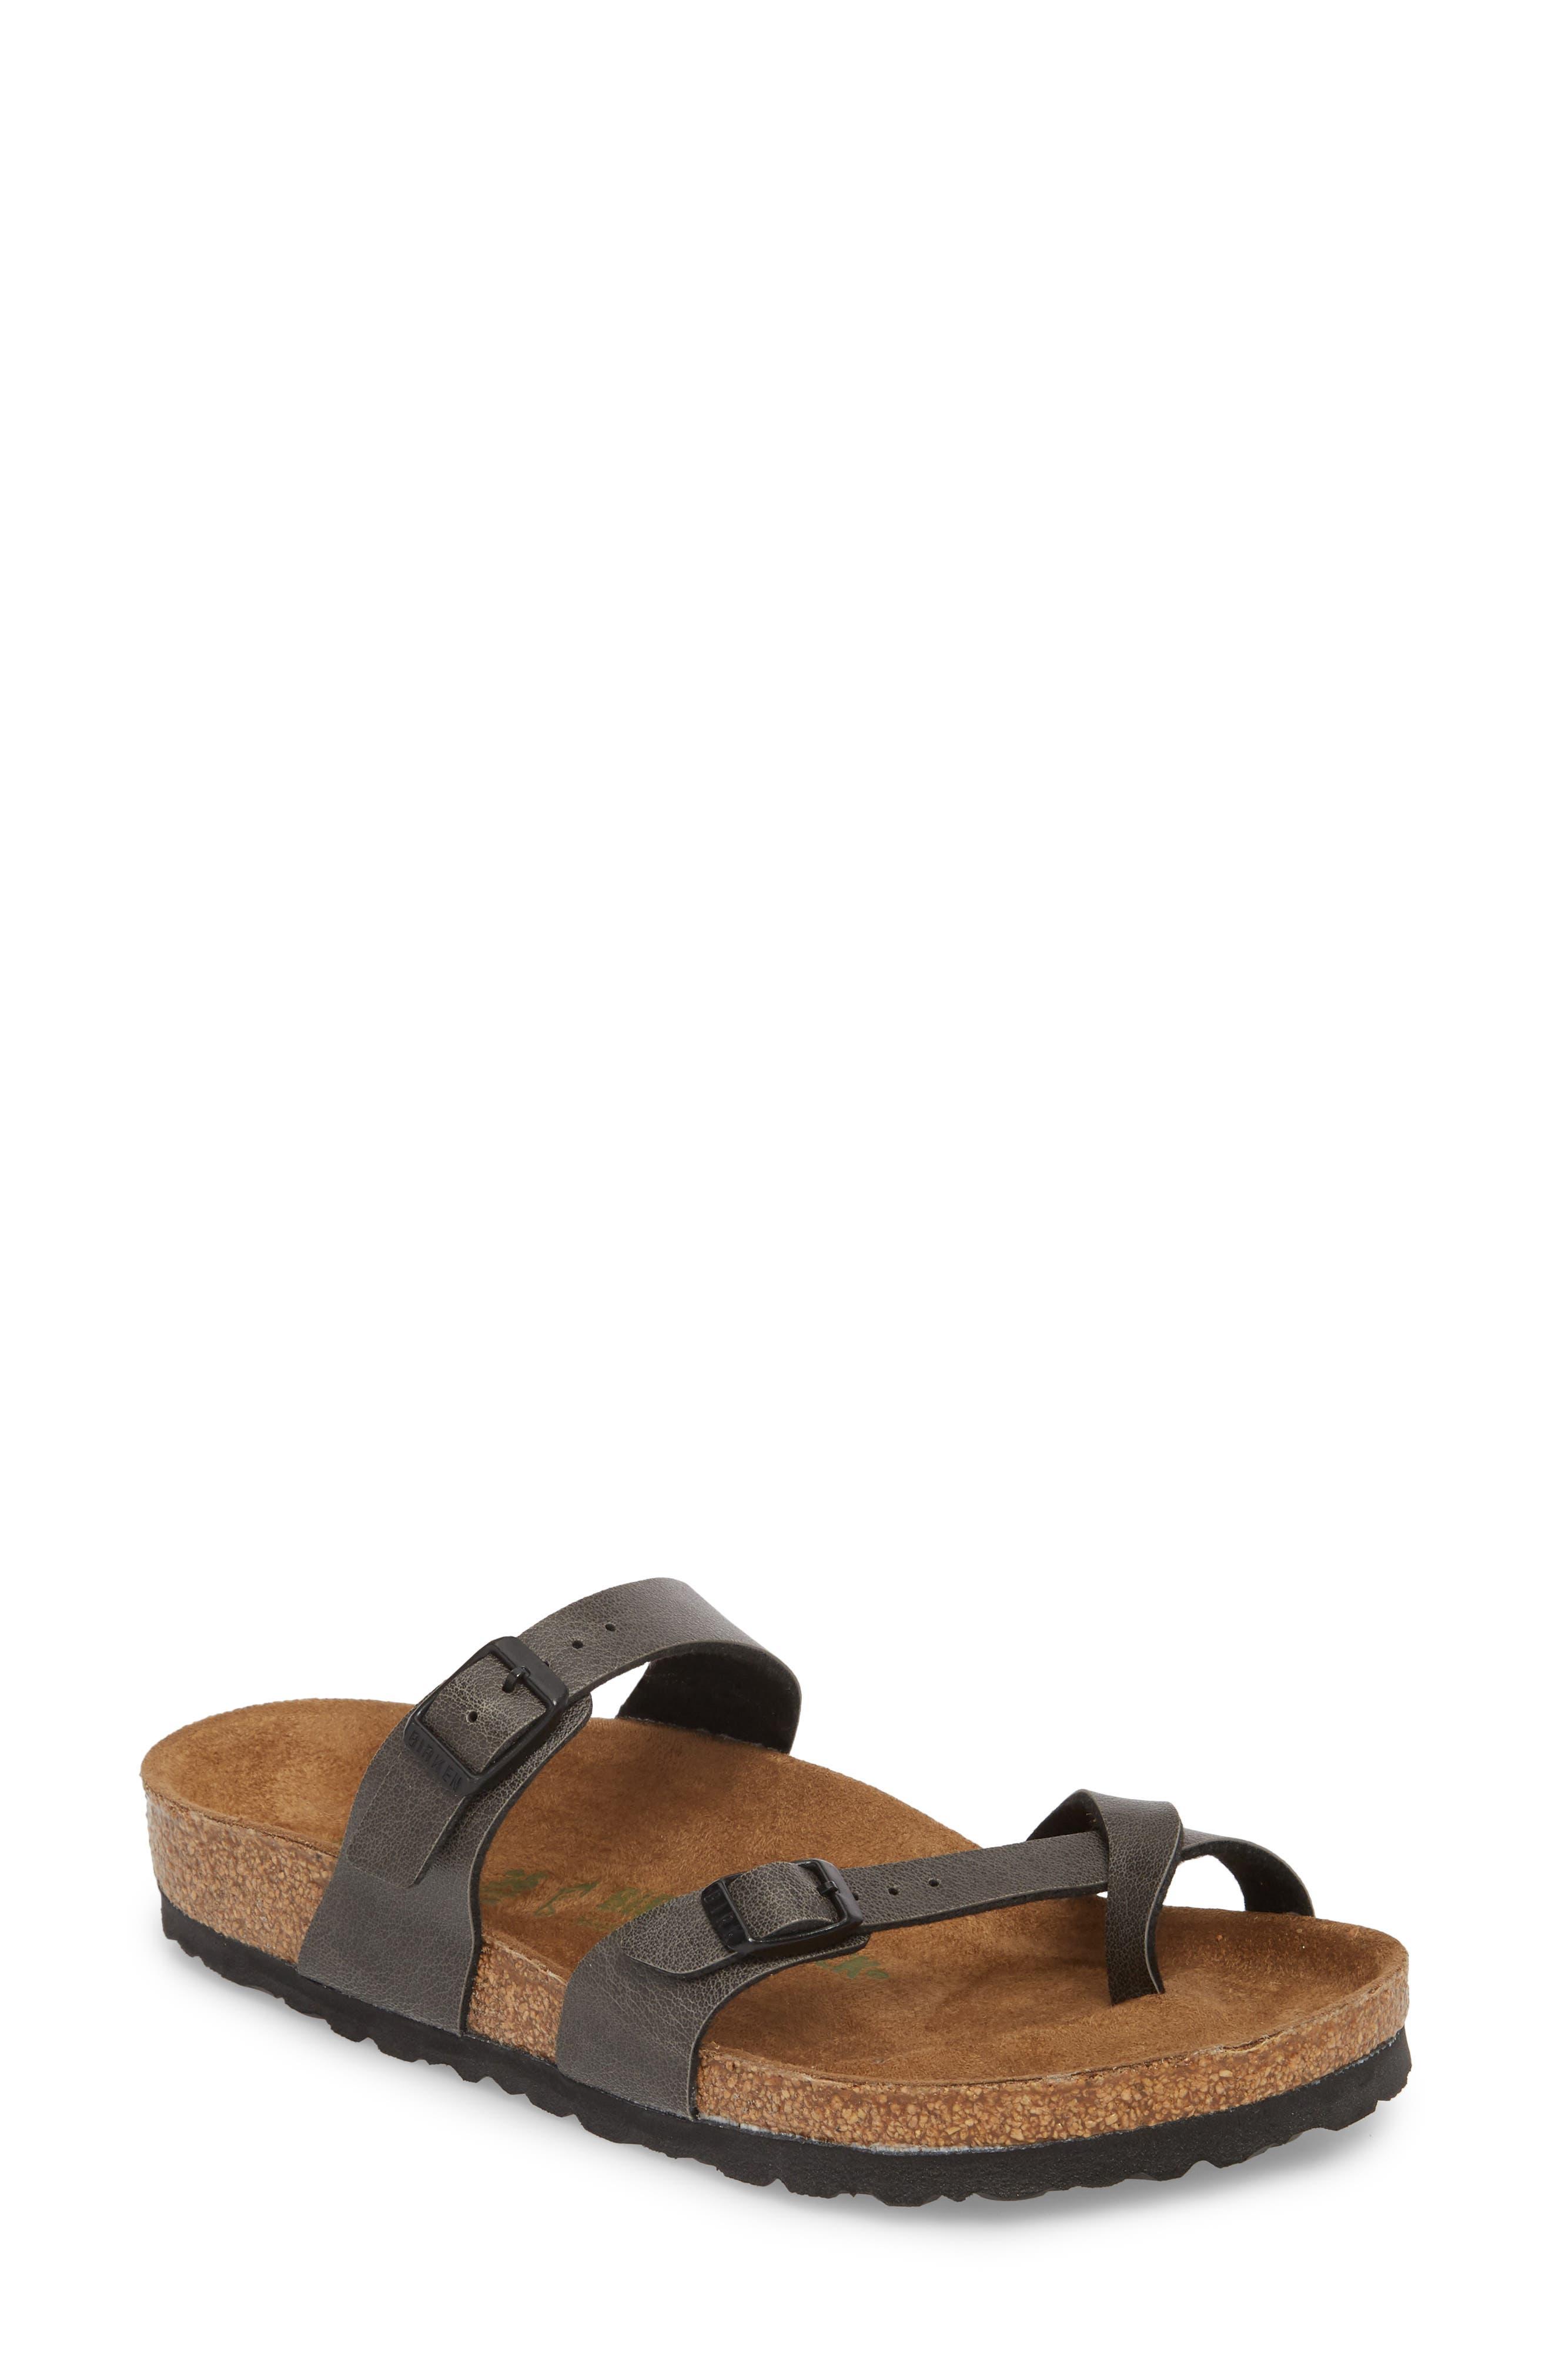 Birkenstock Mayari Birko-Flor™ Slide Sandal (Women)